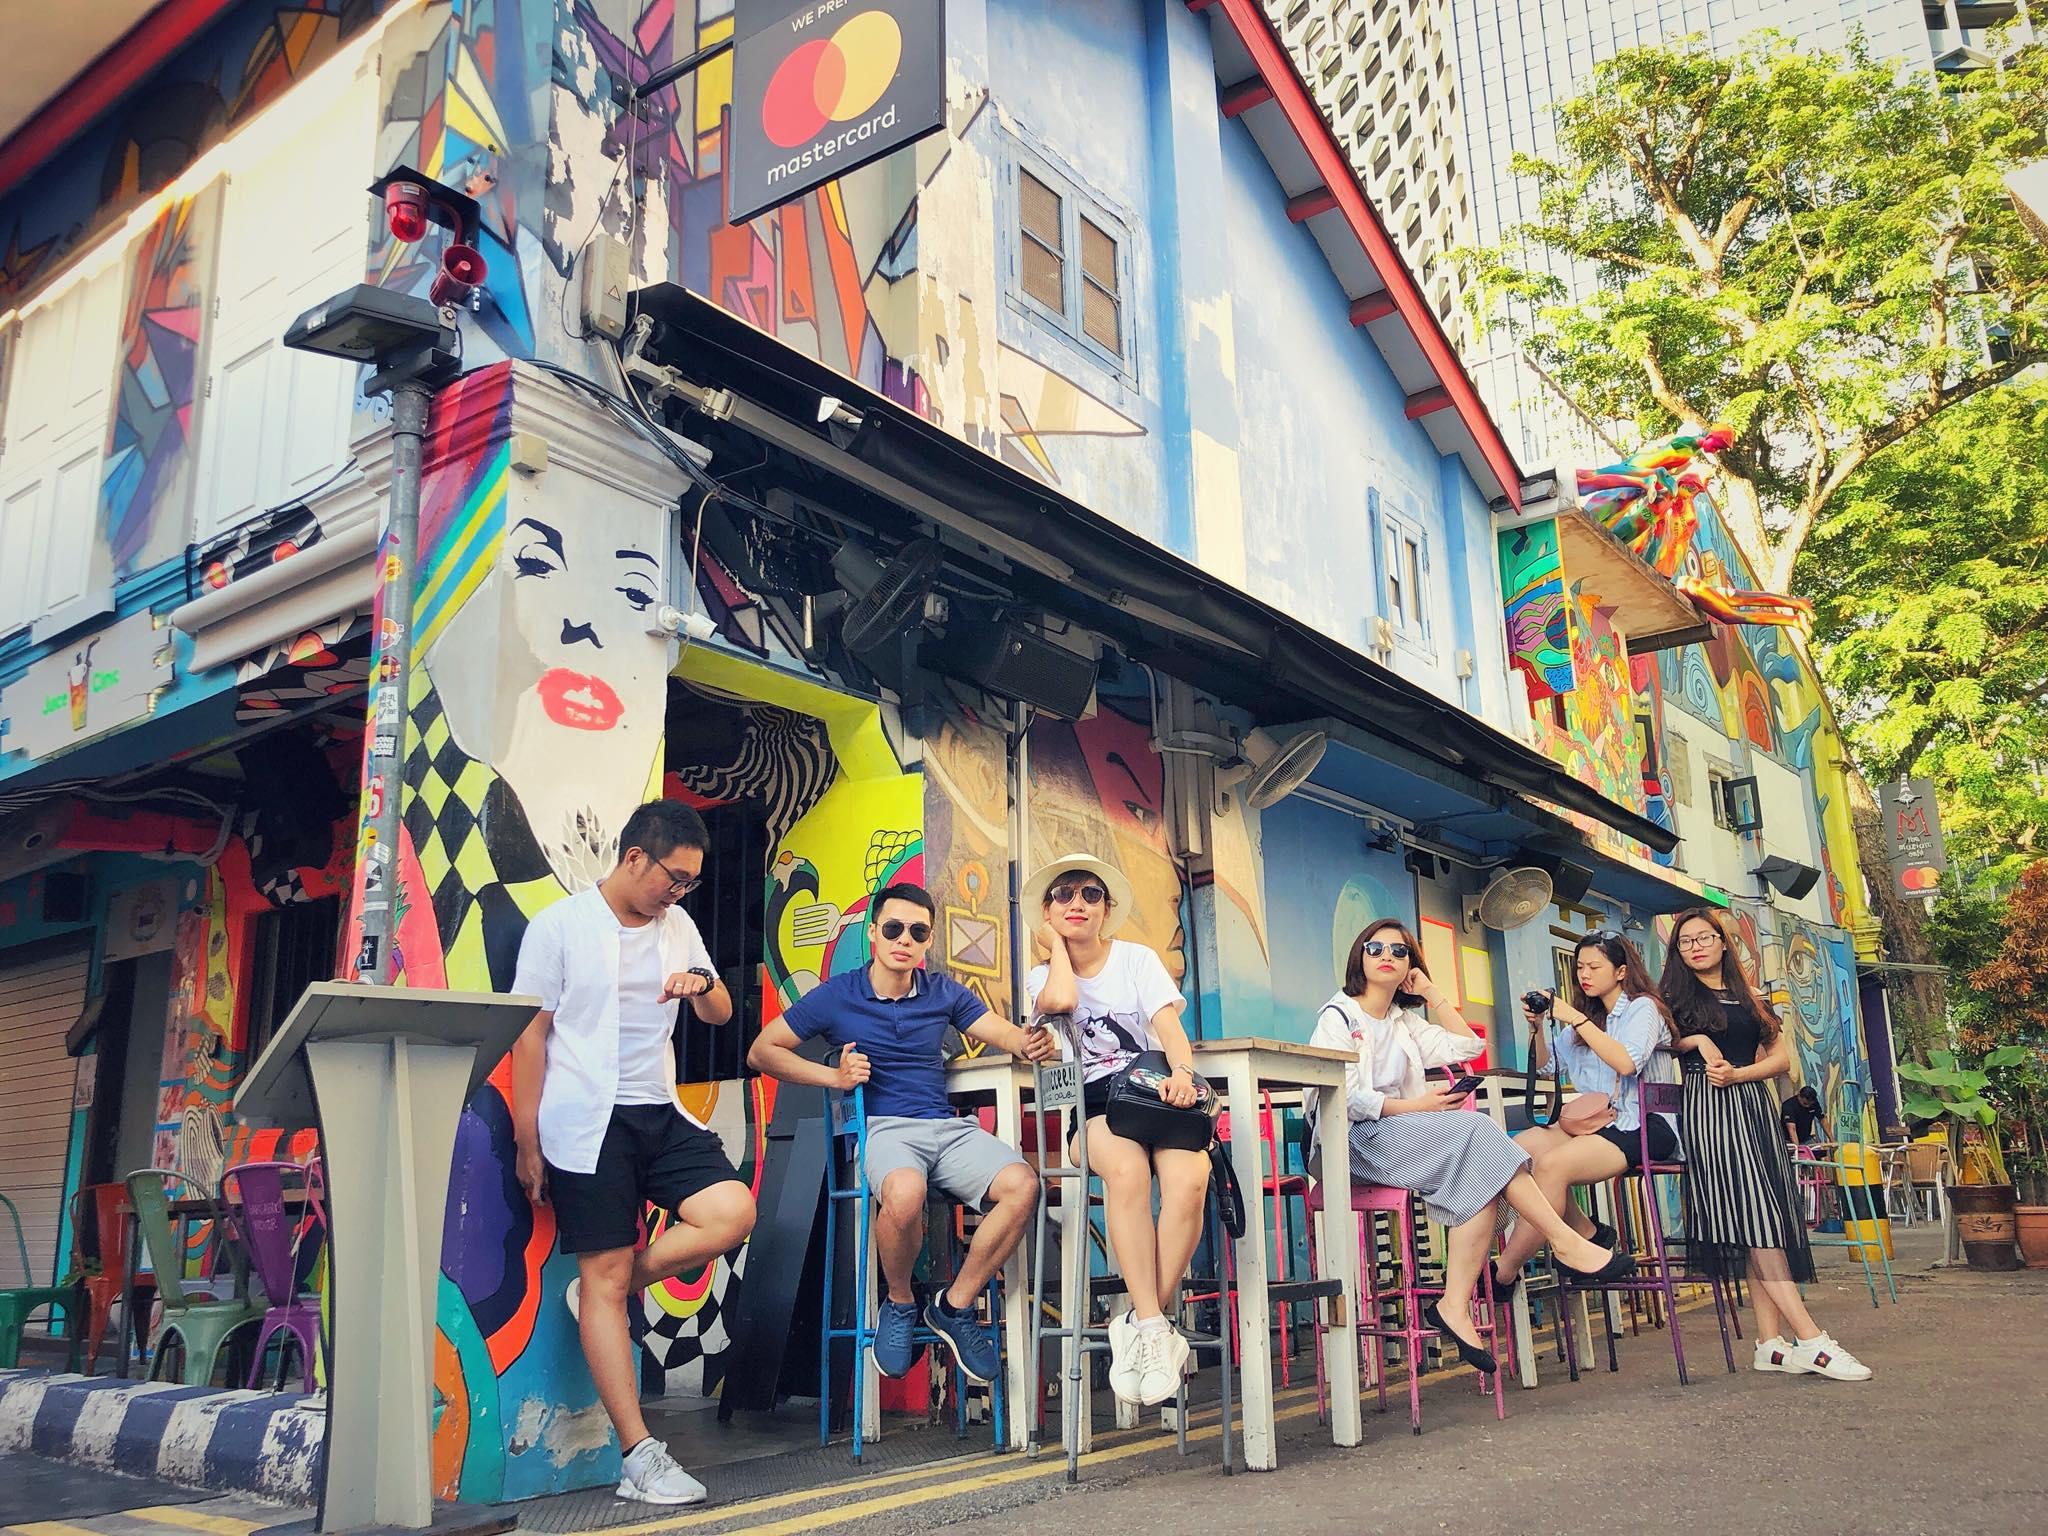 chụp hình tại khu phố haji land